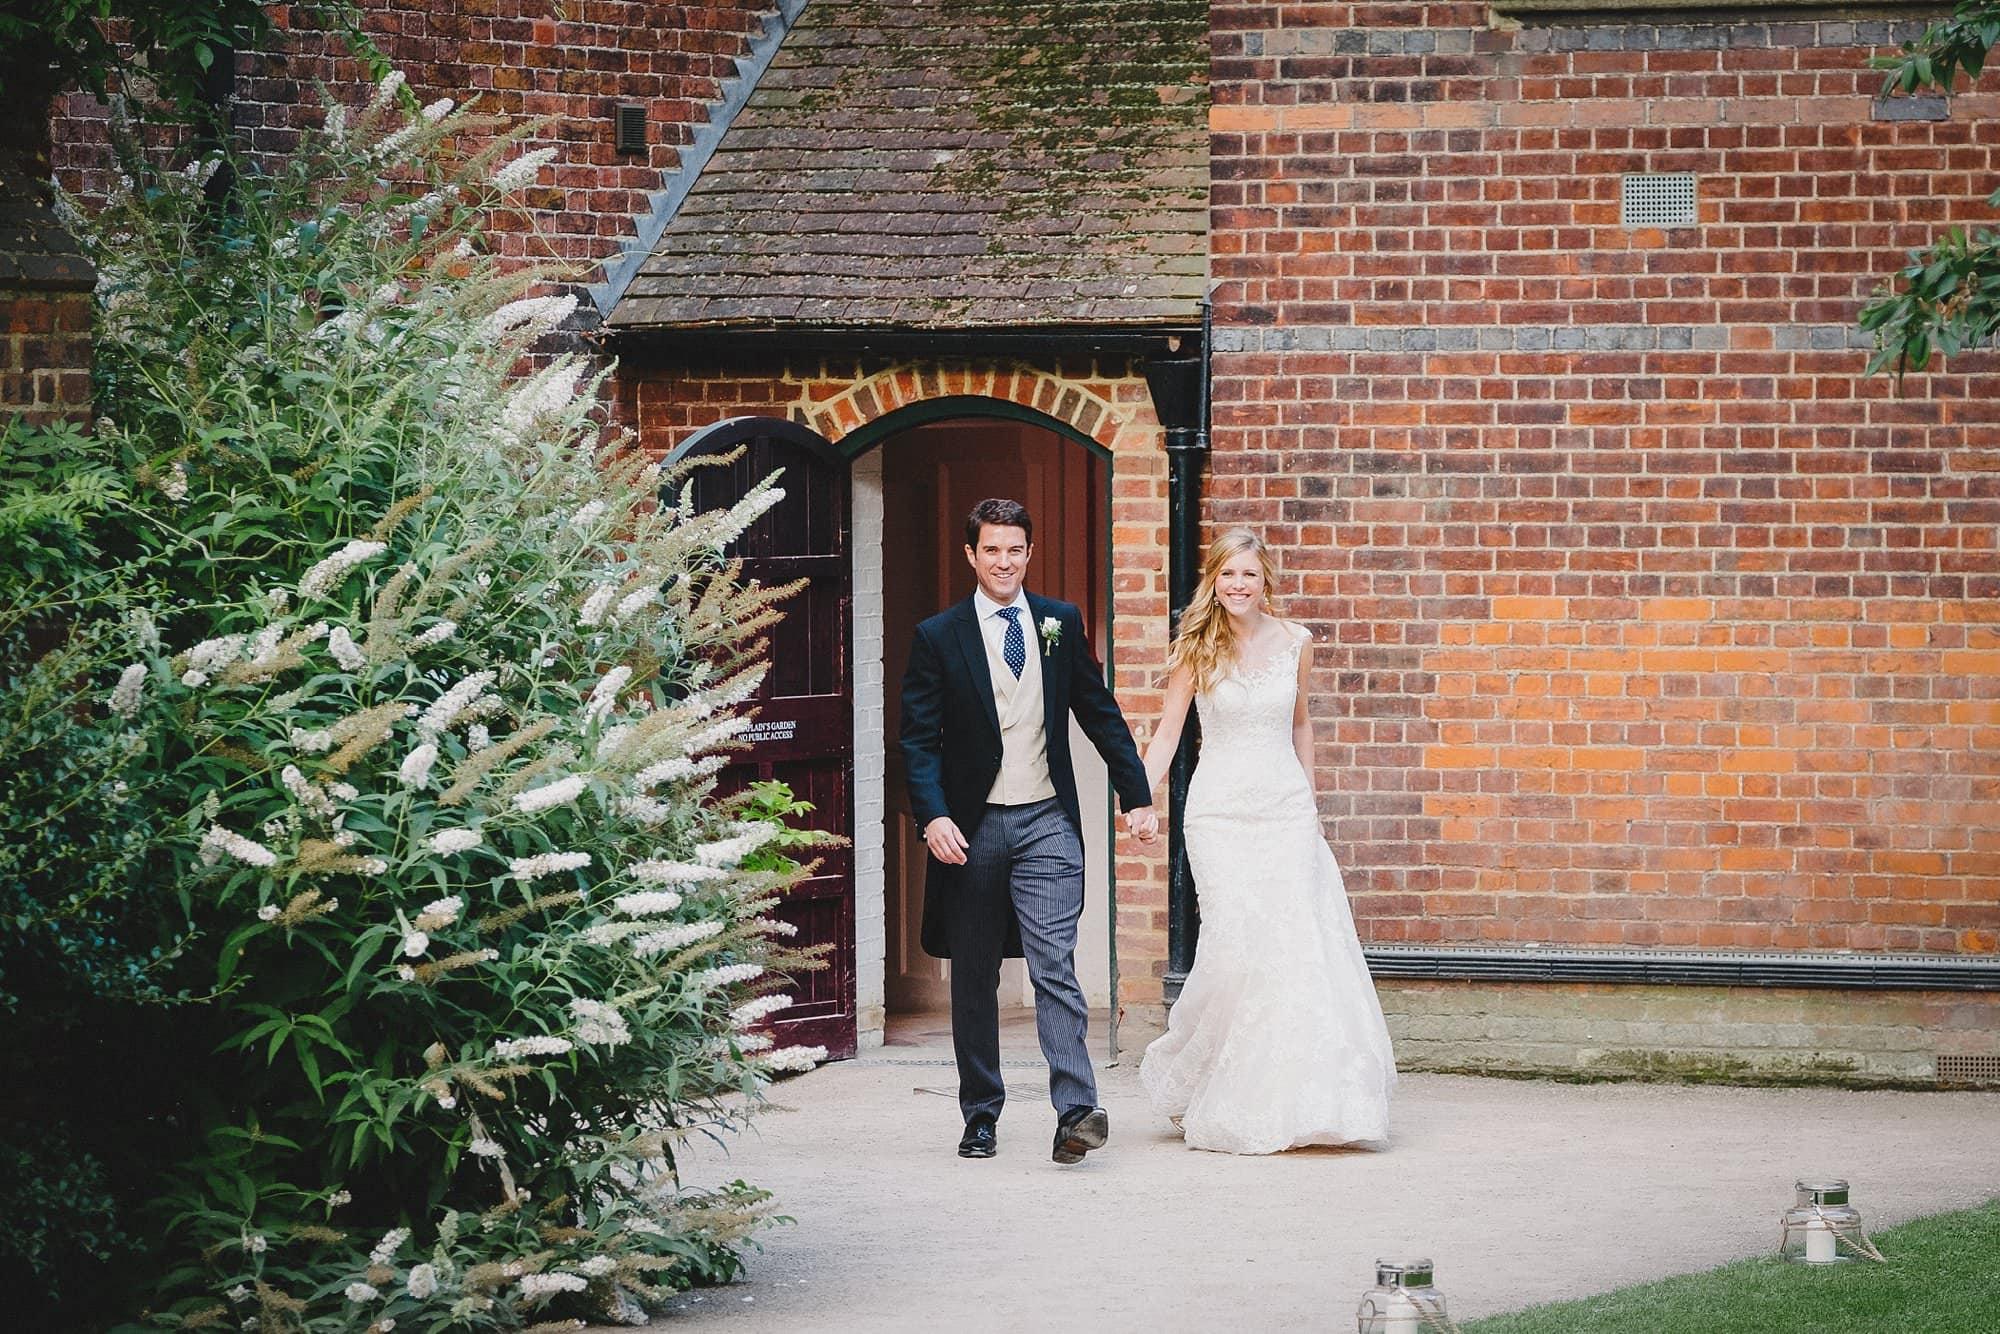 fulham palace wedding photographer 070 - Rosanna + Duncan | Fulham